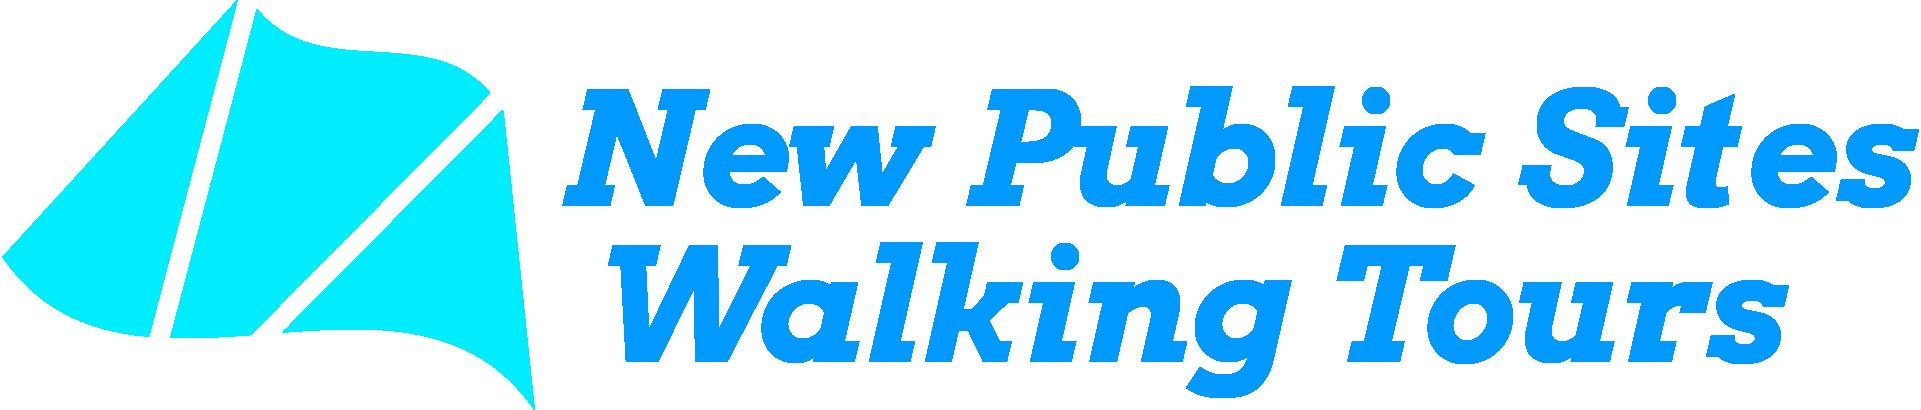 New Public Sites